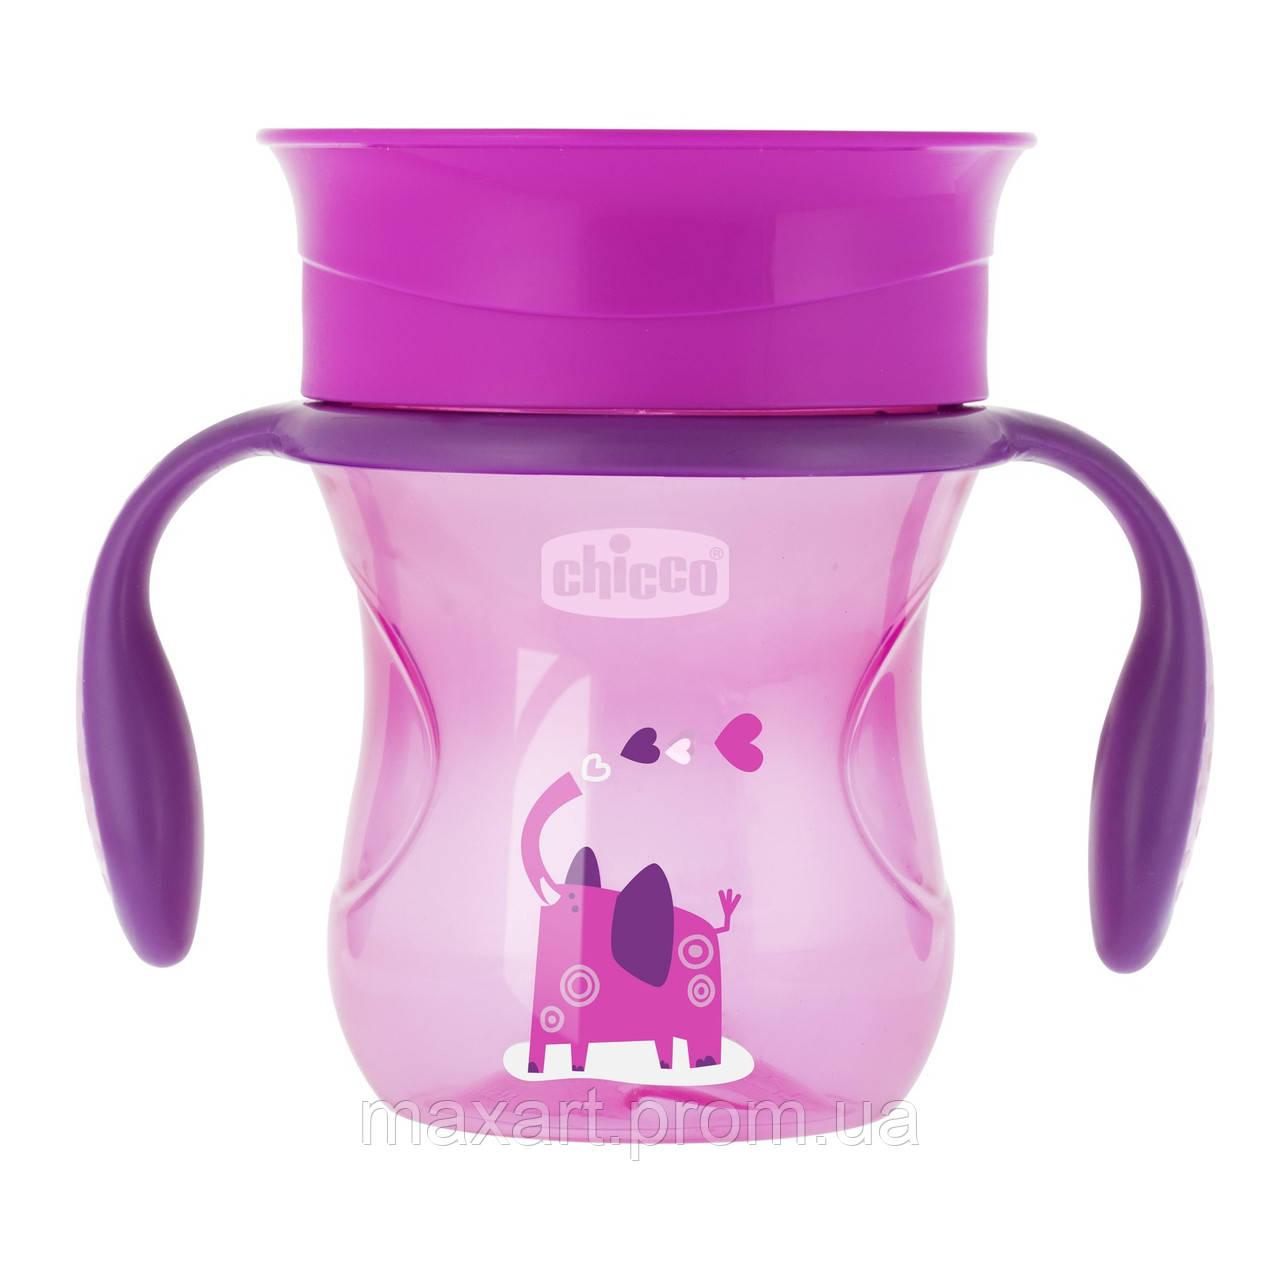 Чашка-непроливайка Chicco - Perfect Cup (06951.10) 200 мл / 12 мес.+ / розовый